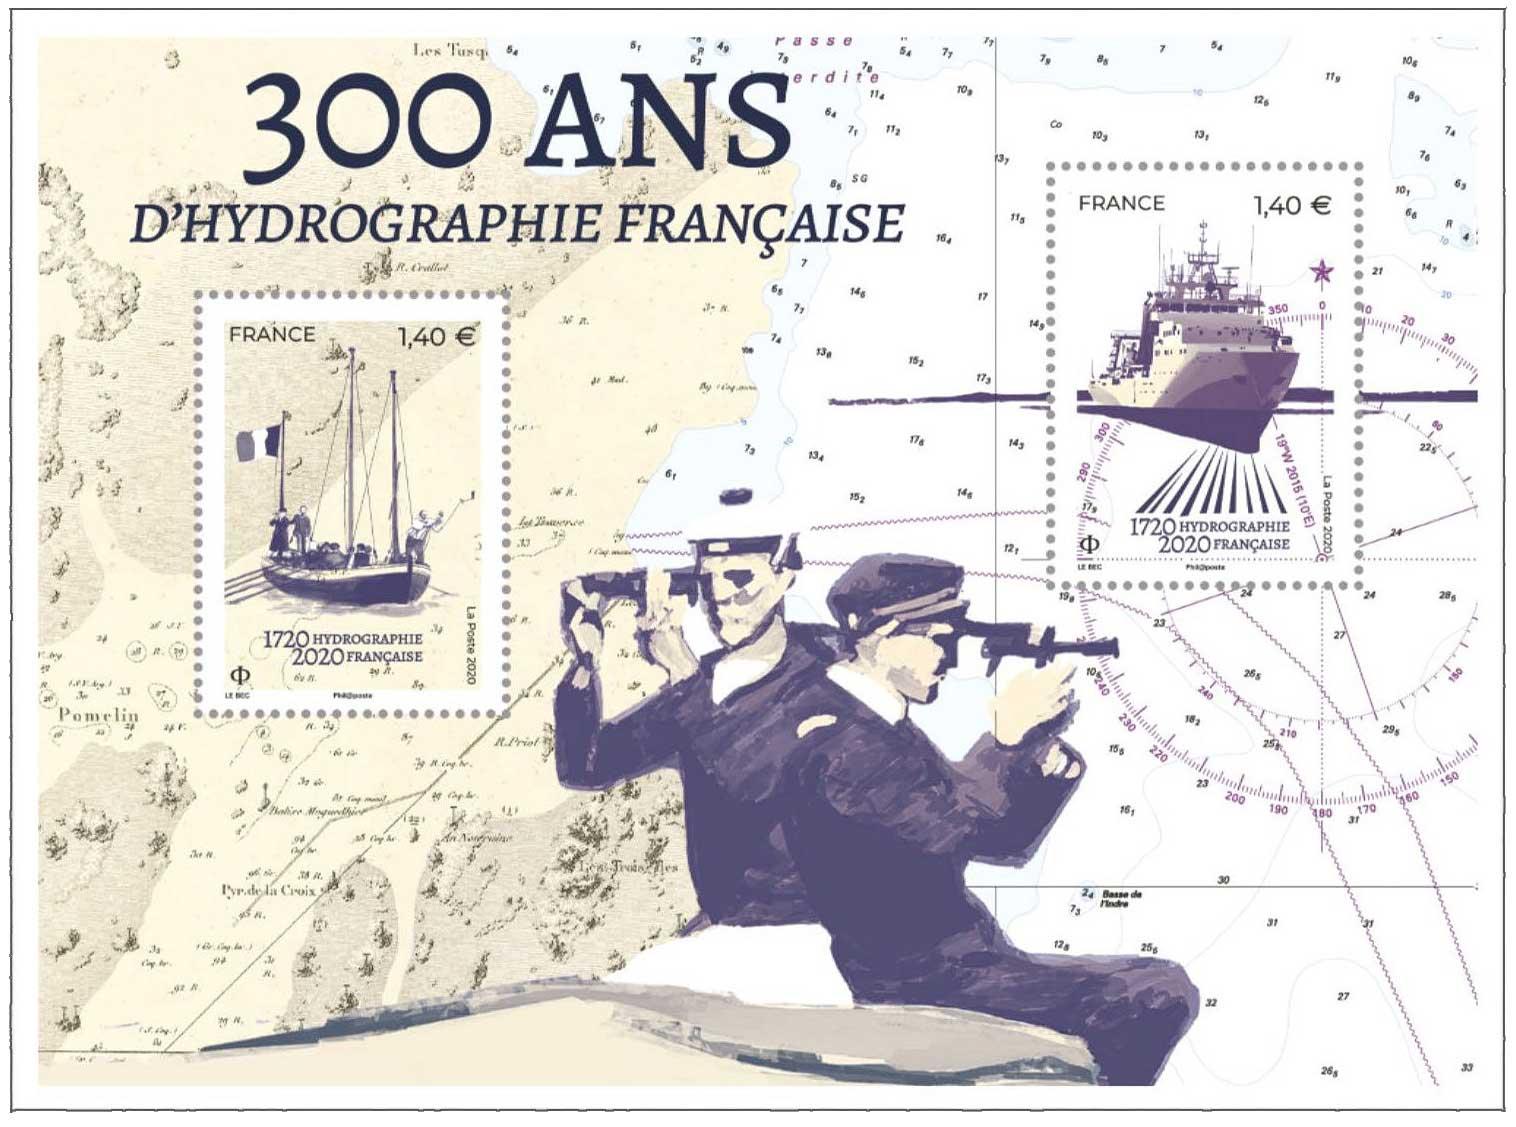 Bloc : 300 ANS D'HYDROGRAPHIE FRANCAISE